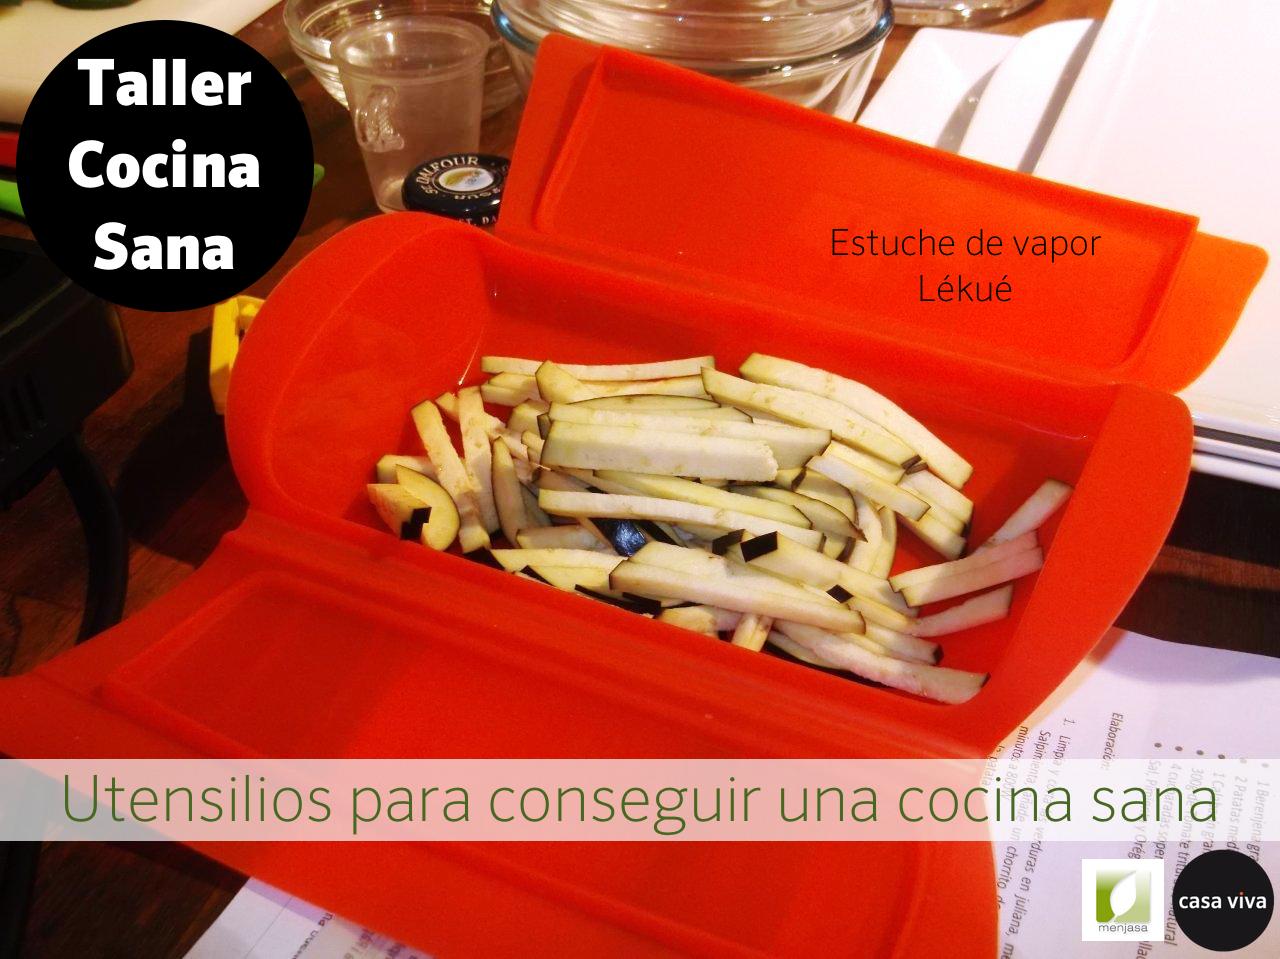 Excepcional Utensilios De Cocina Fresco 2014 Inspiración - Ideas de ...